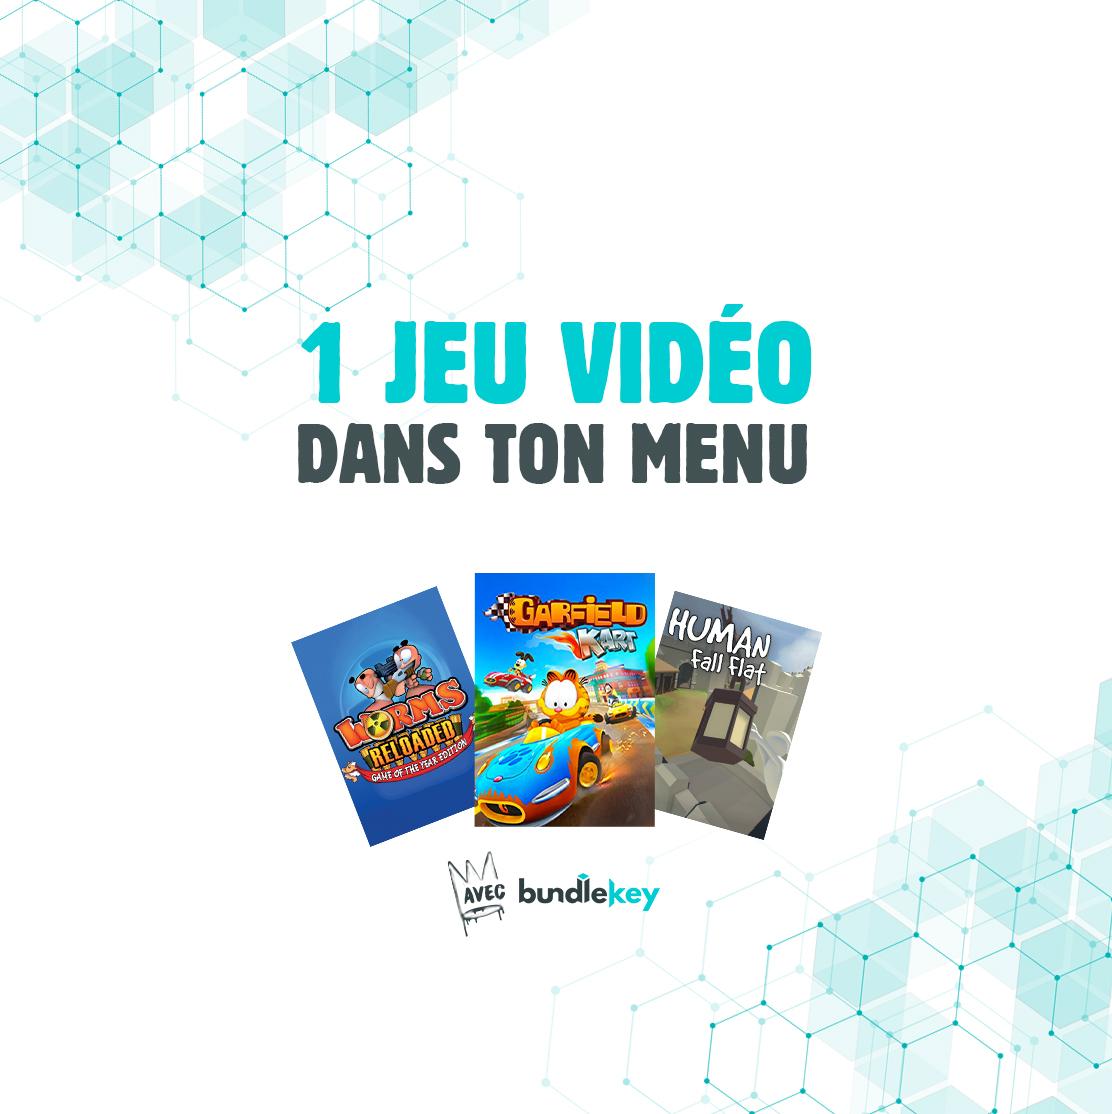 Carte Burger King Perigueux.Bons Plans Burger King Deals Pour Mai 2019 Dealabs Com